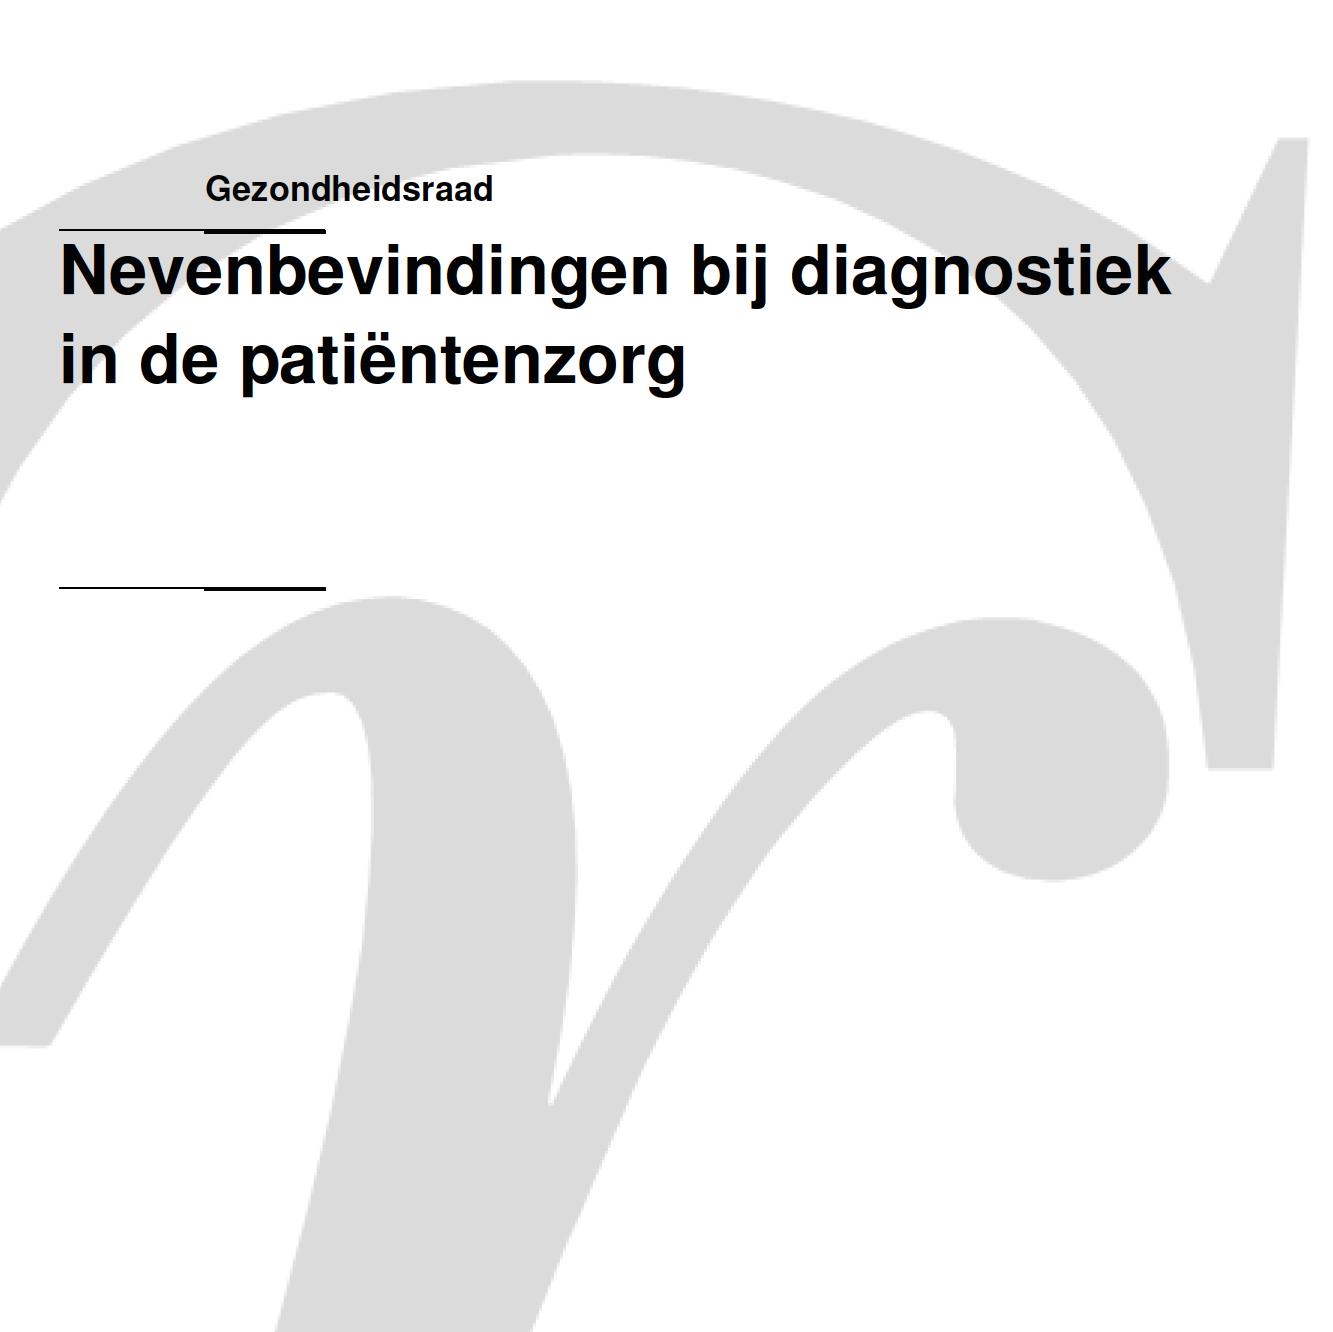 Gezondheidsraad wil dat arts niet alles vertelt - CoachSander.nl